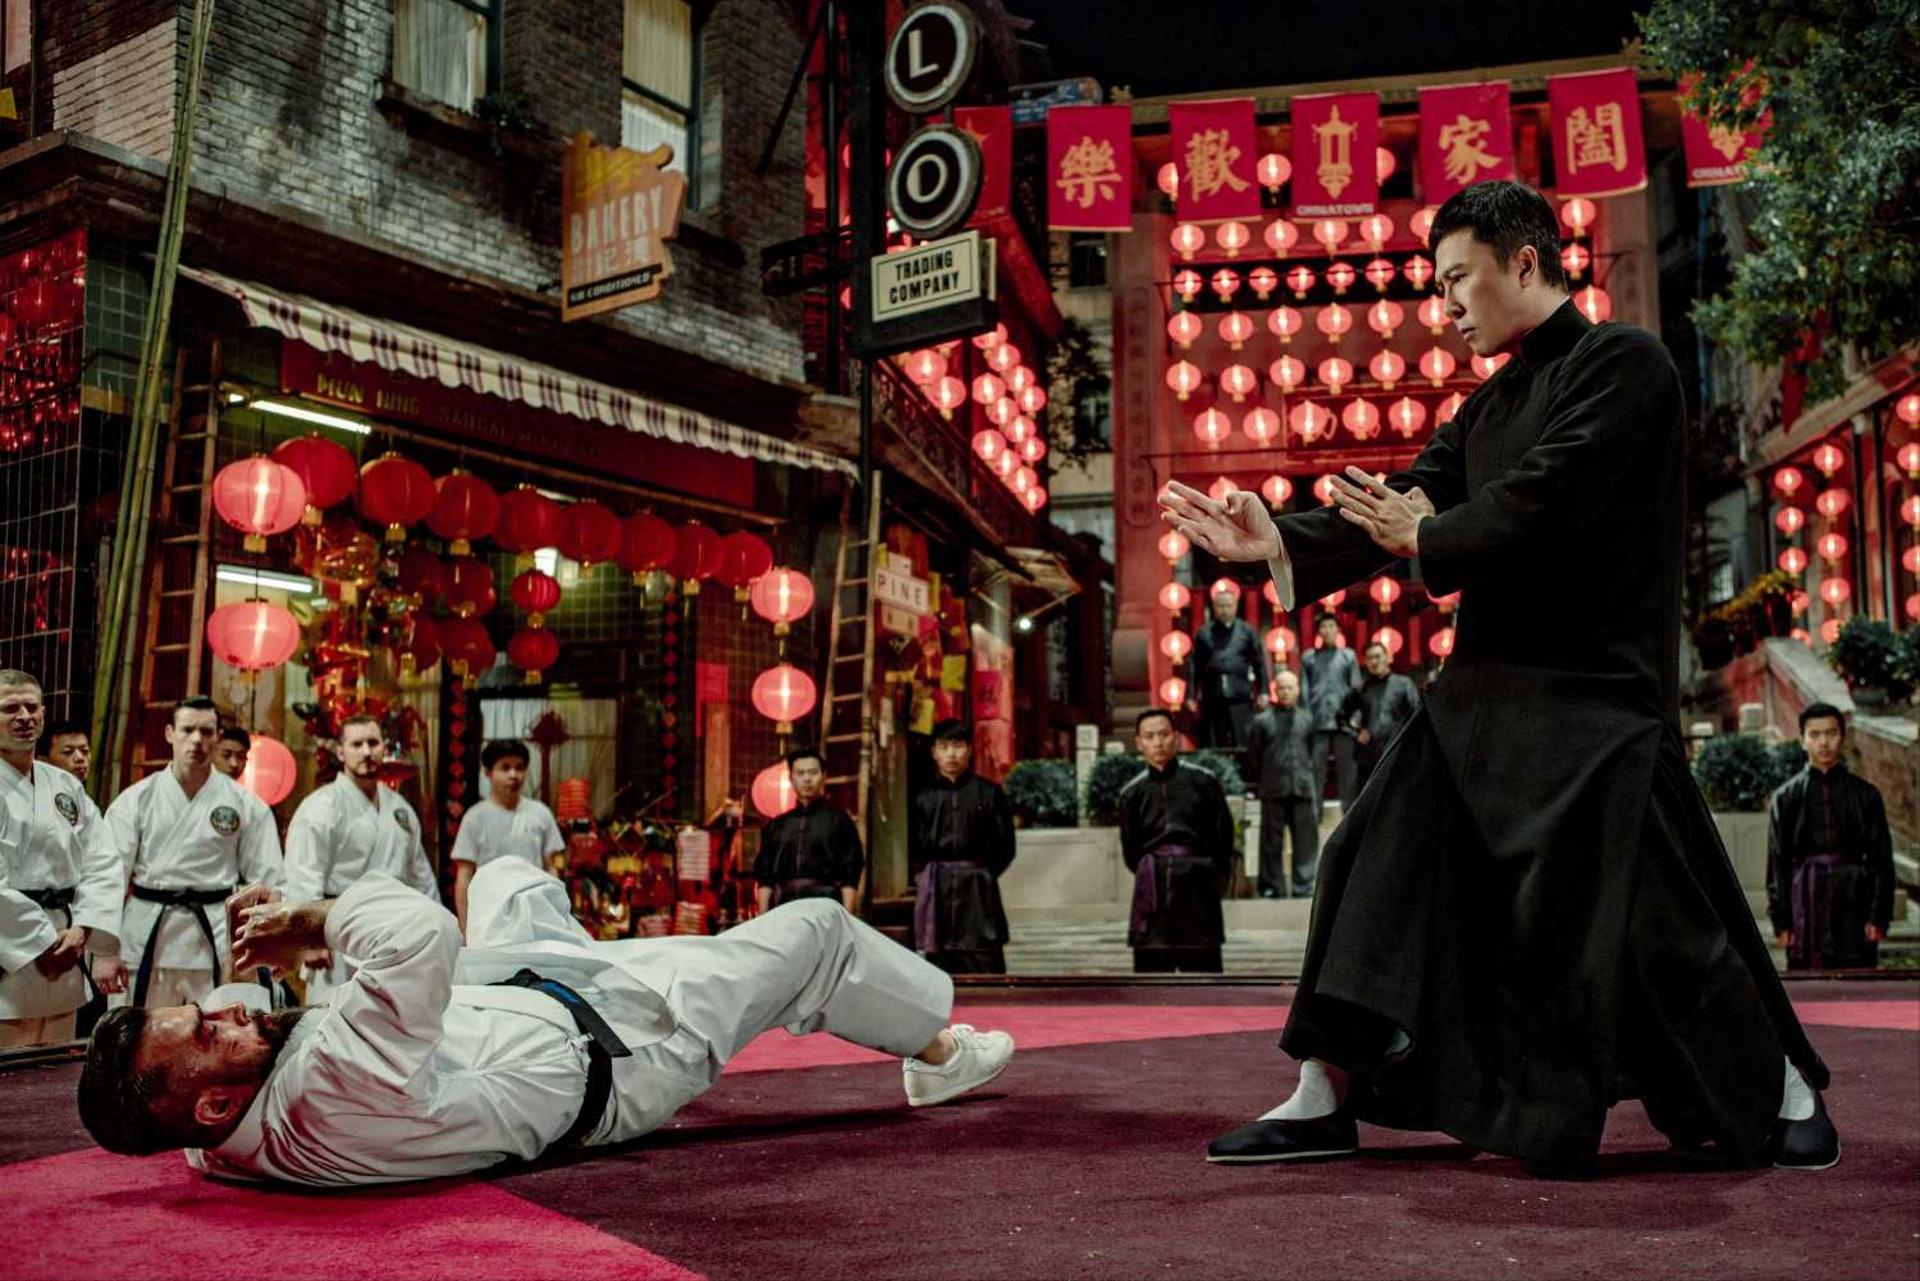 甄子丹主演的《葉問》系列電影一直叫好叫座,監製黃百鳴、導演葉偉信和甄子丹這個金牌組合可說是合作無間。(劇照)